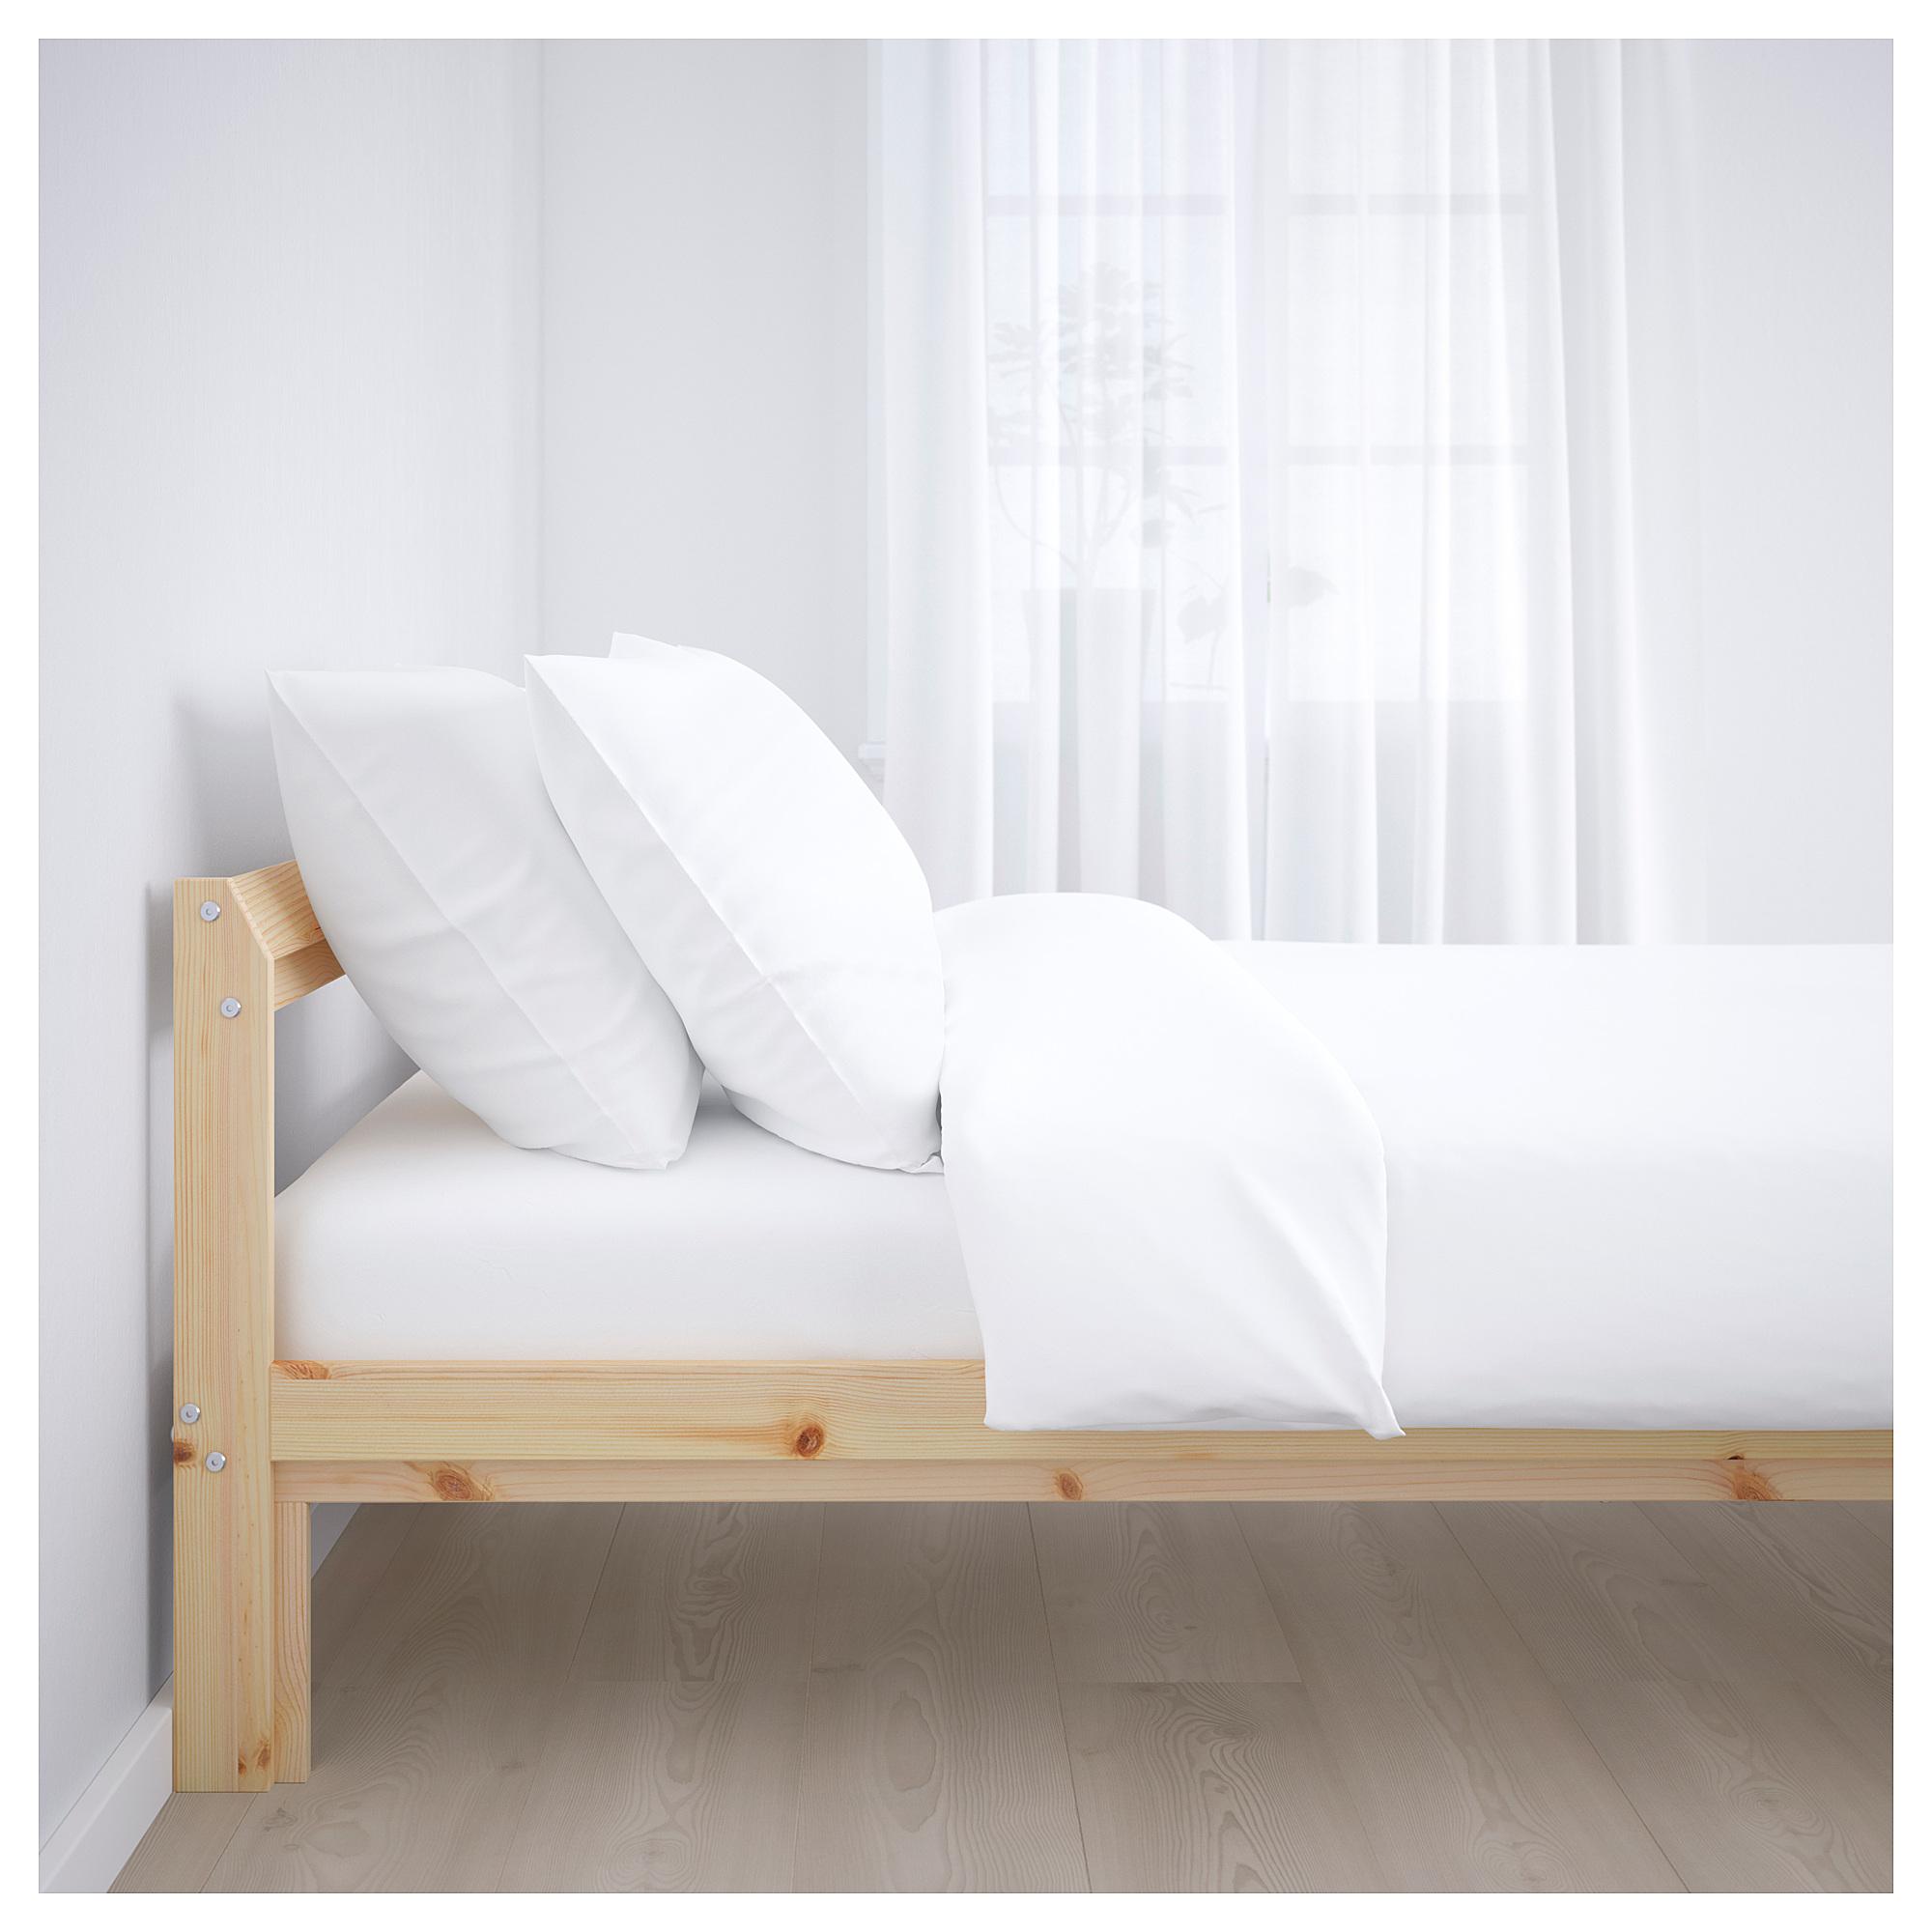 Neiden Estrutura De Cama Pinho 140x200 Cm Ikea Bed Frame Pine Bed Frame Ikea Bed